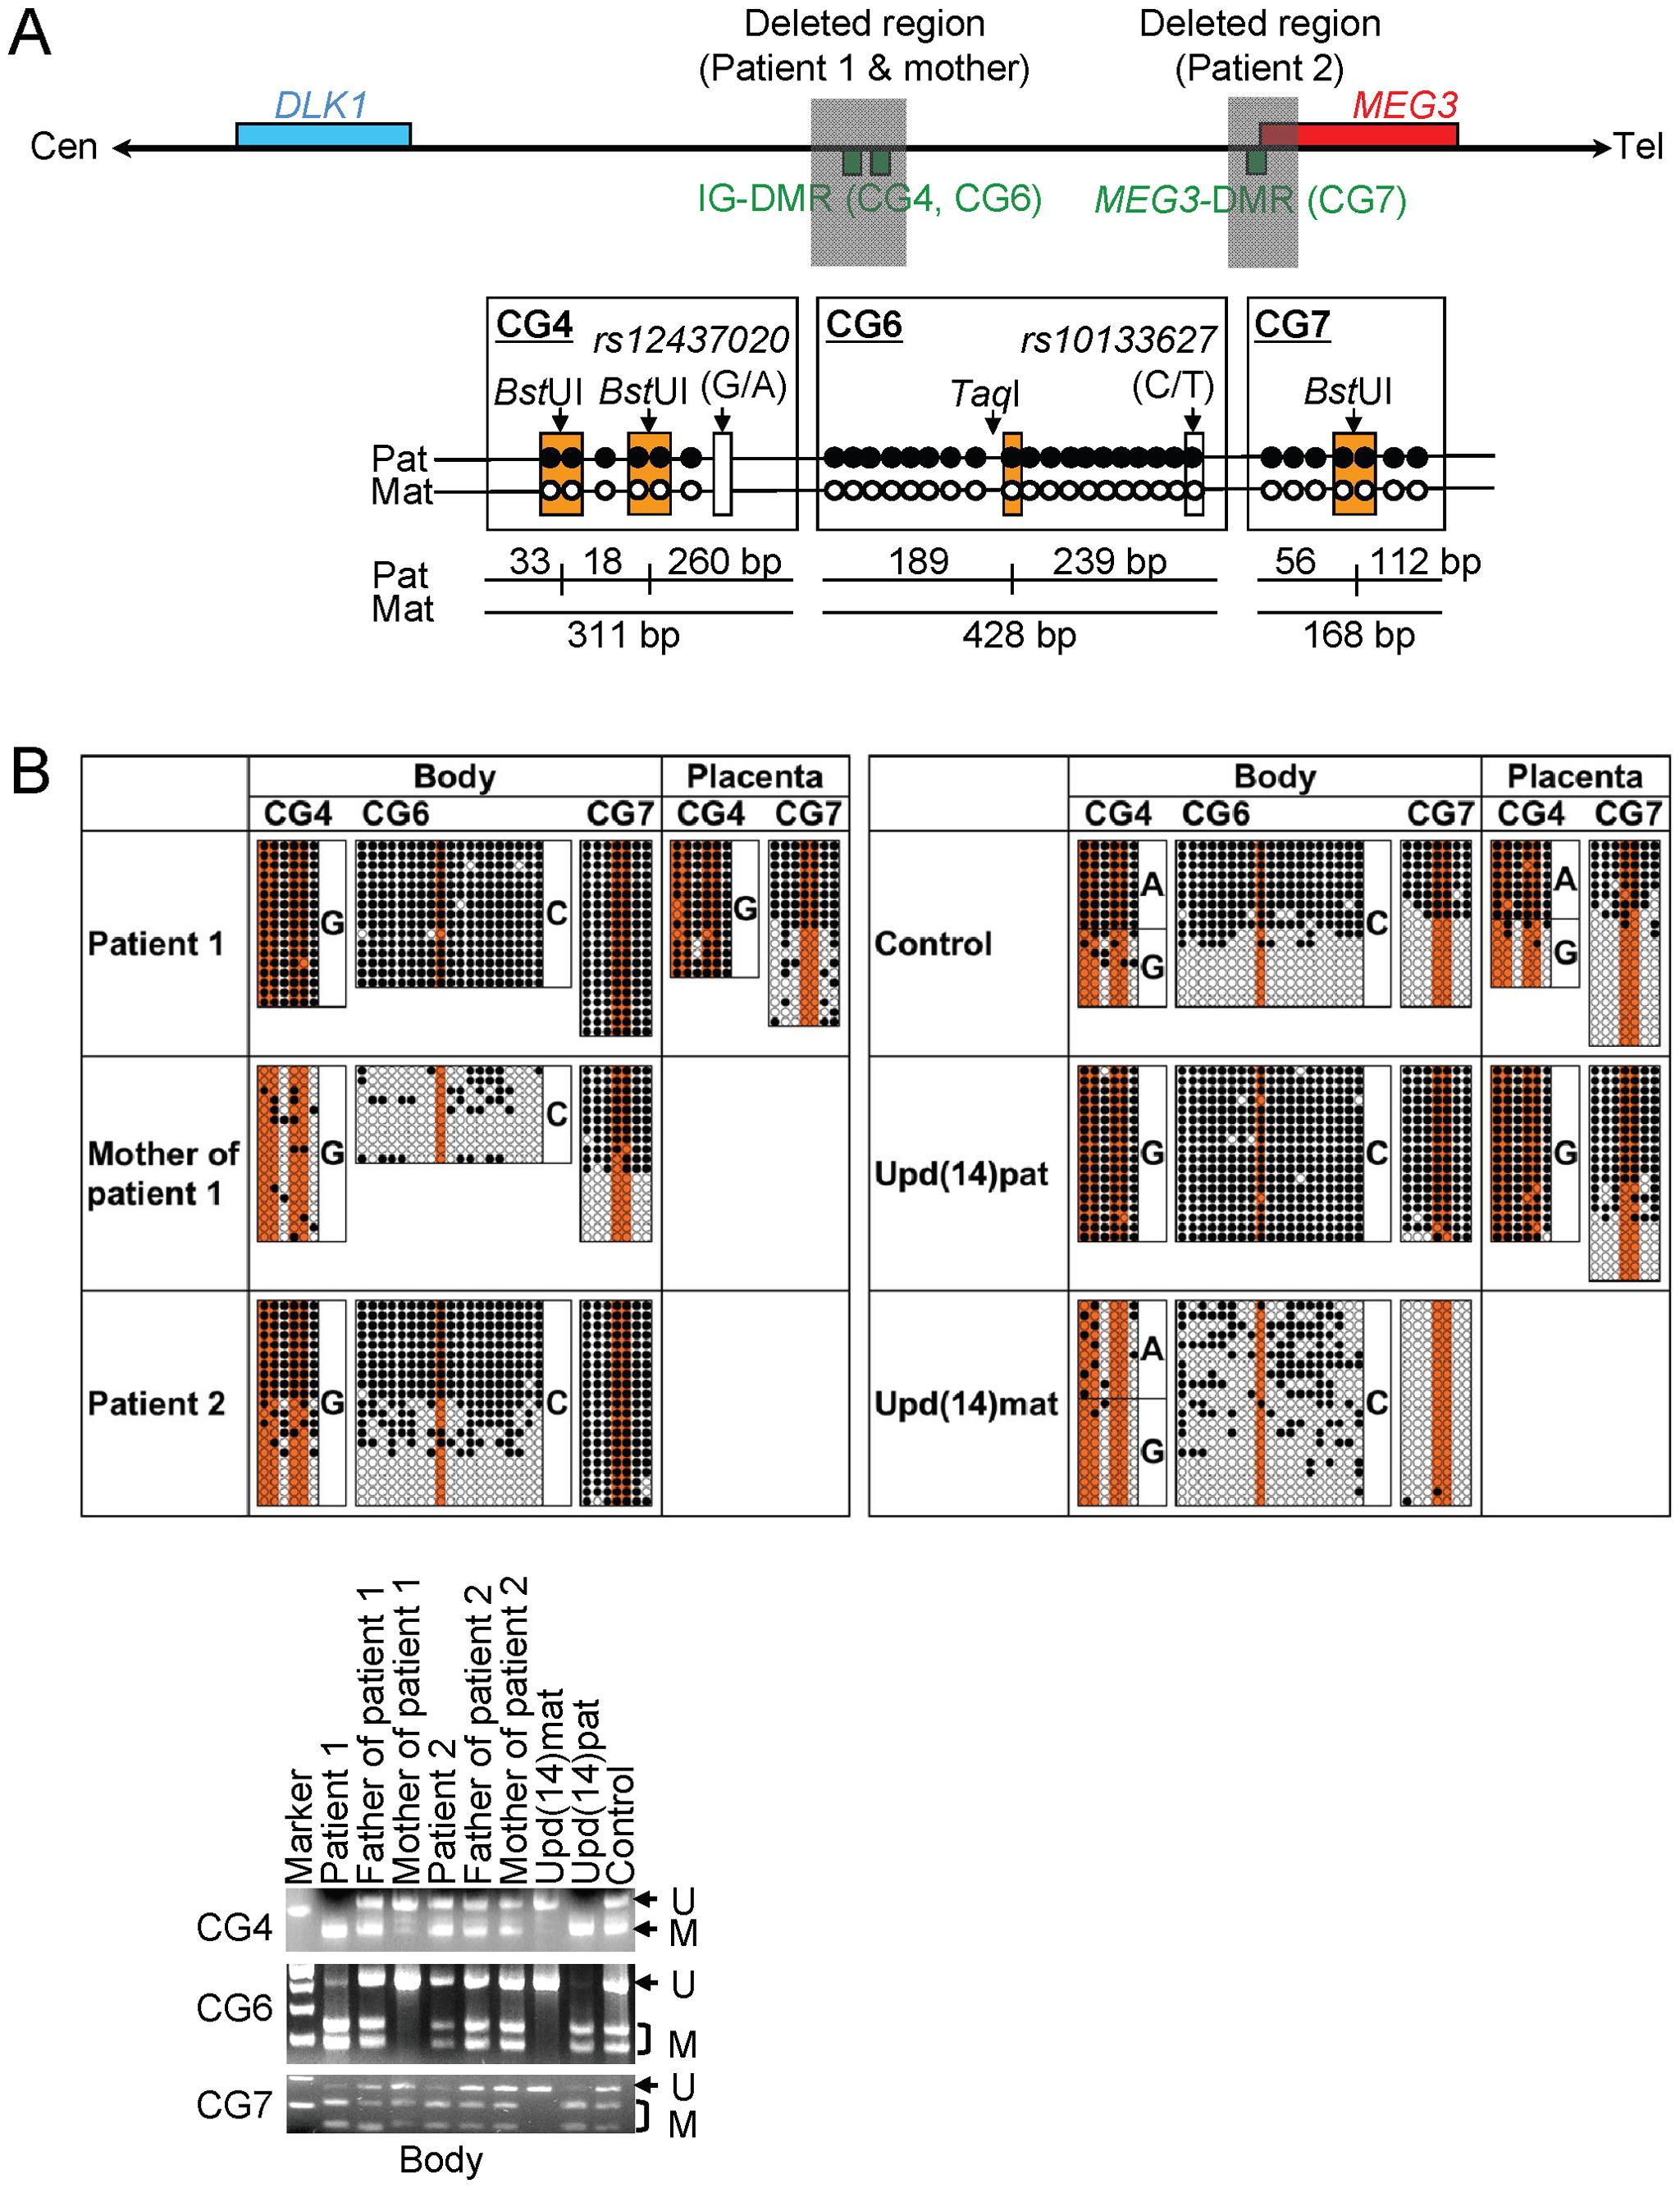 Methylation analysis of the IG-DMR (CG4 and CG6) and the <i>MEG3</i>-DMR (CG7).